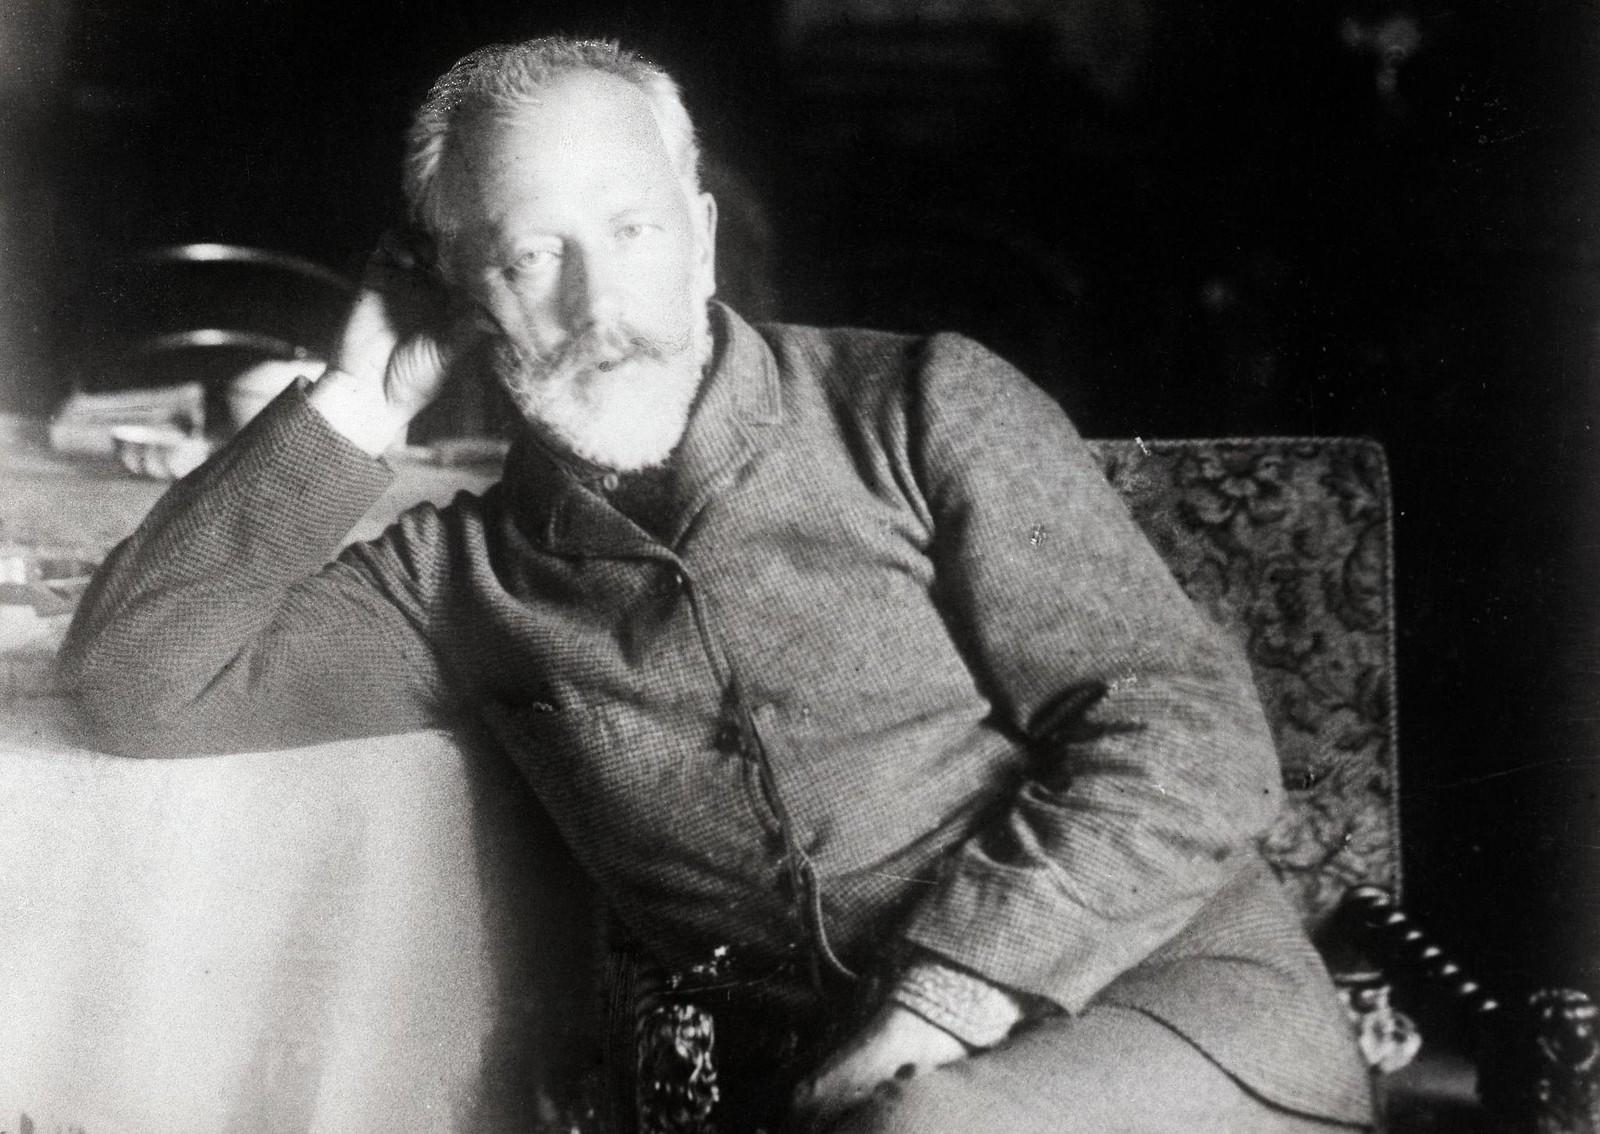 1893. Петр Ильич Чайковский (1840-1893) в последний год своей жизни